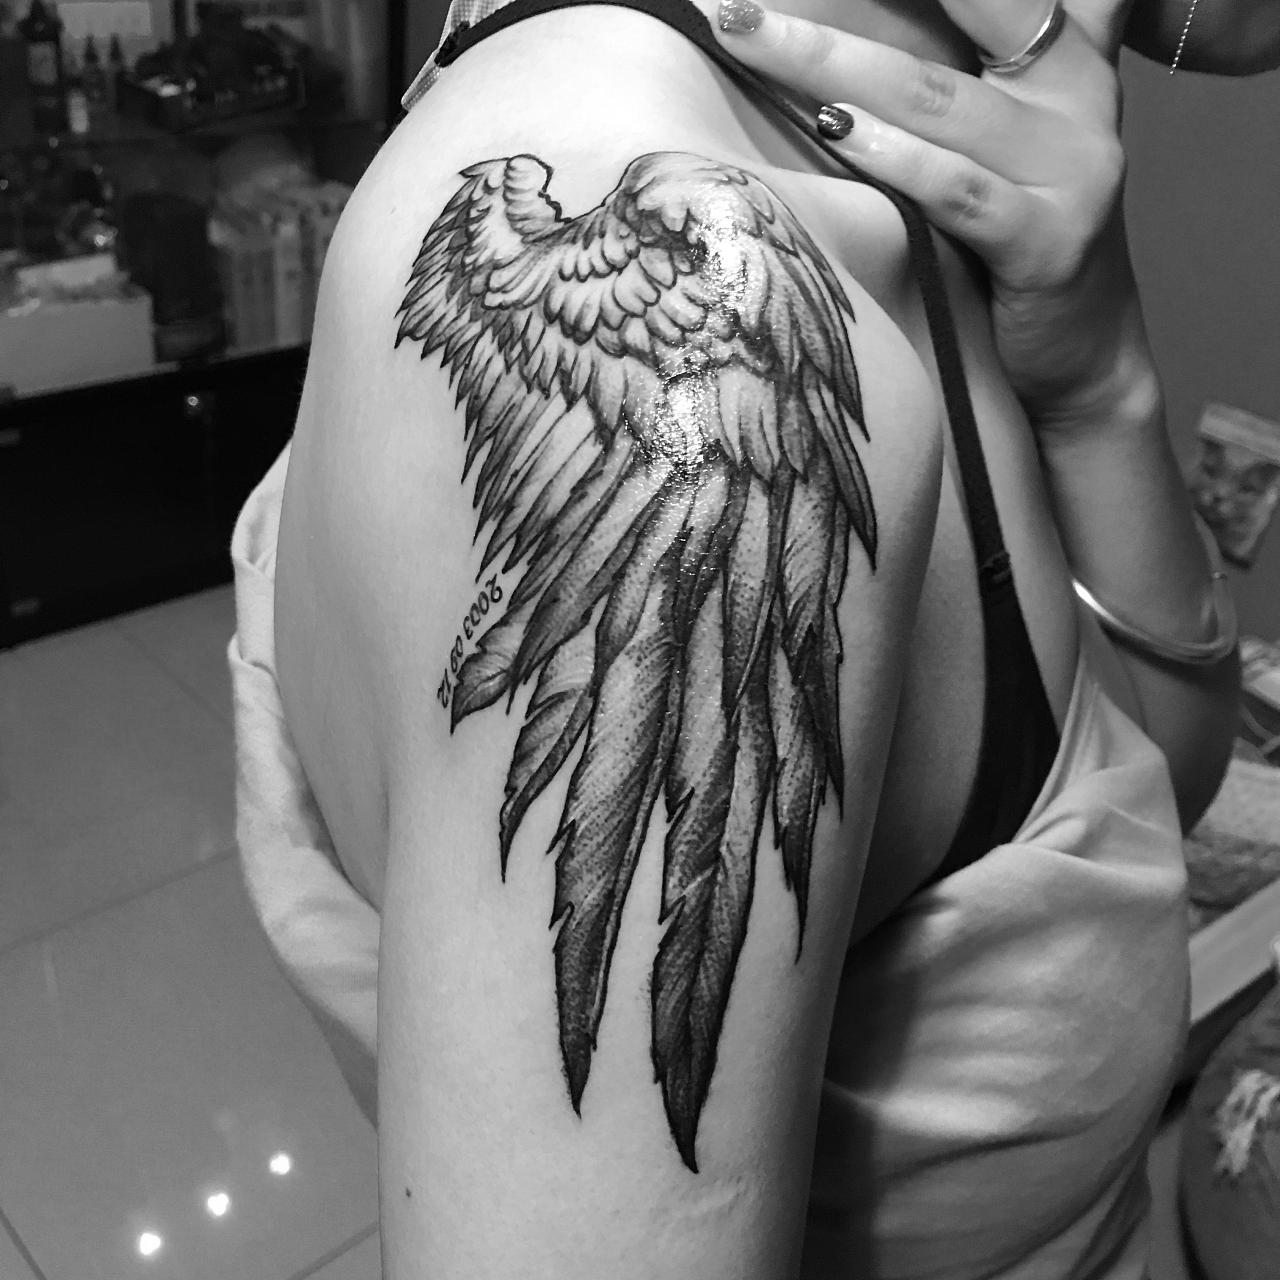 翅膀羽毛纹身图片